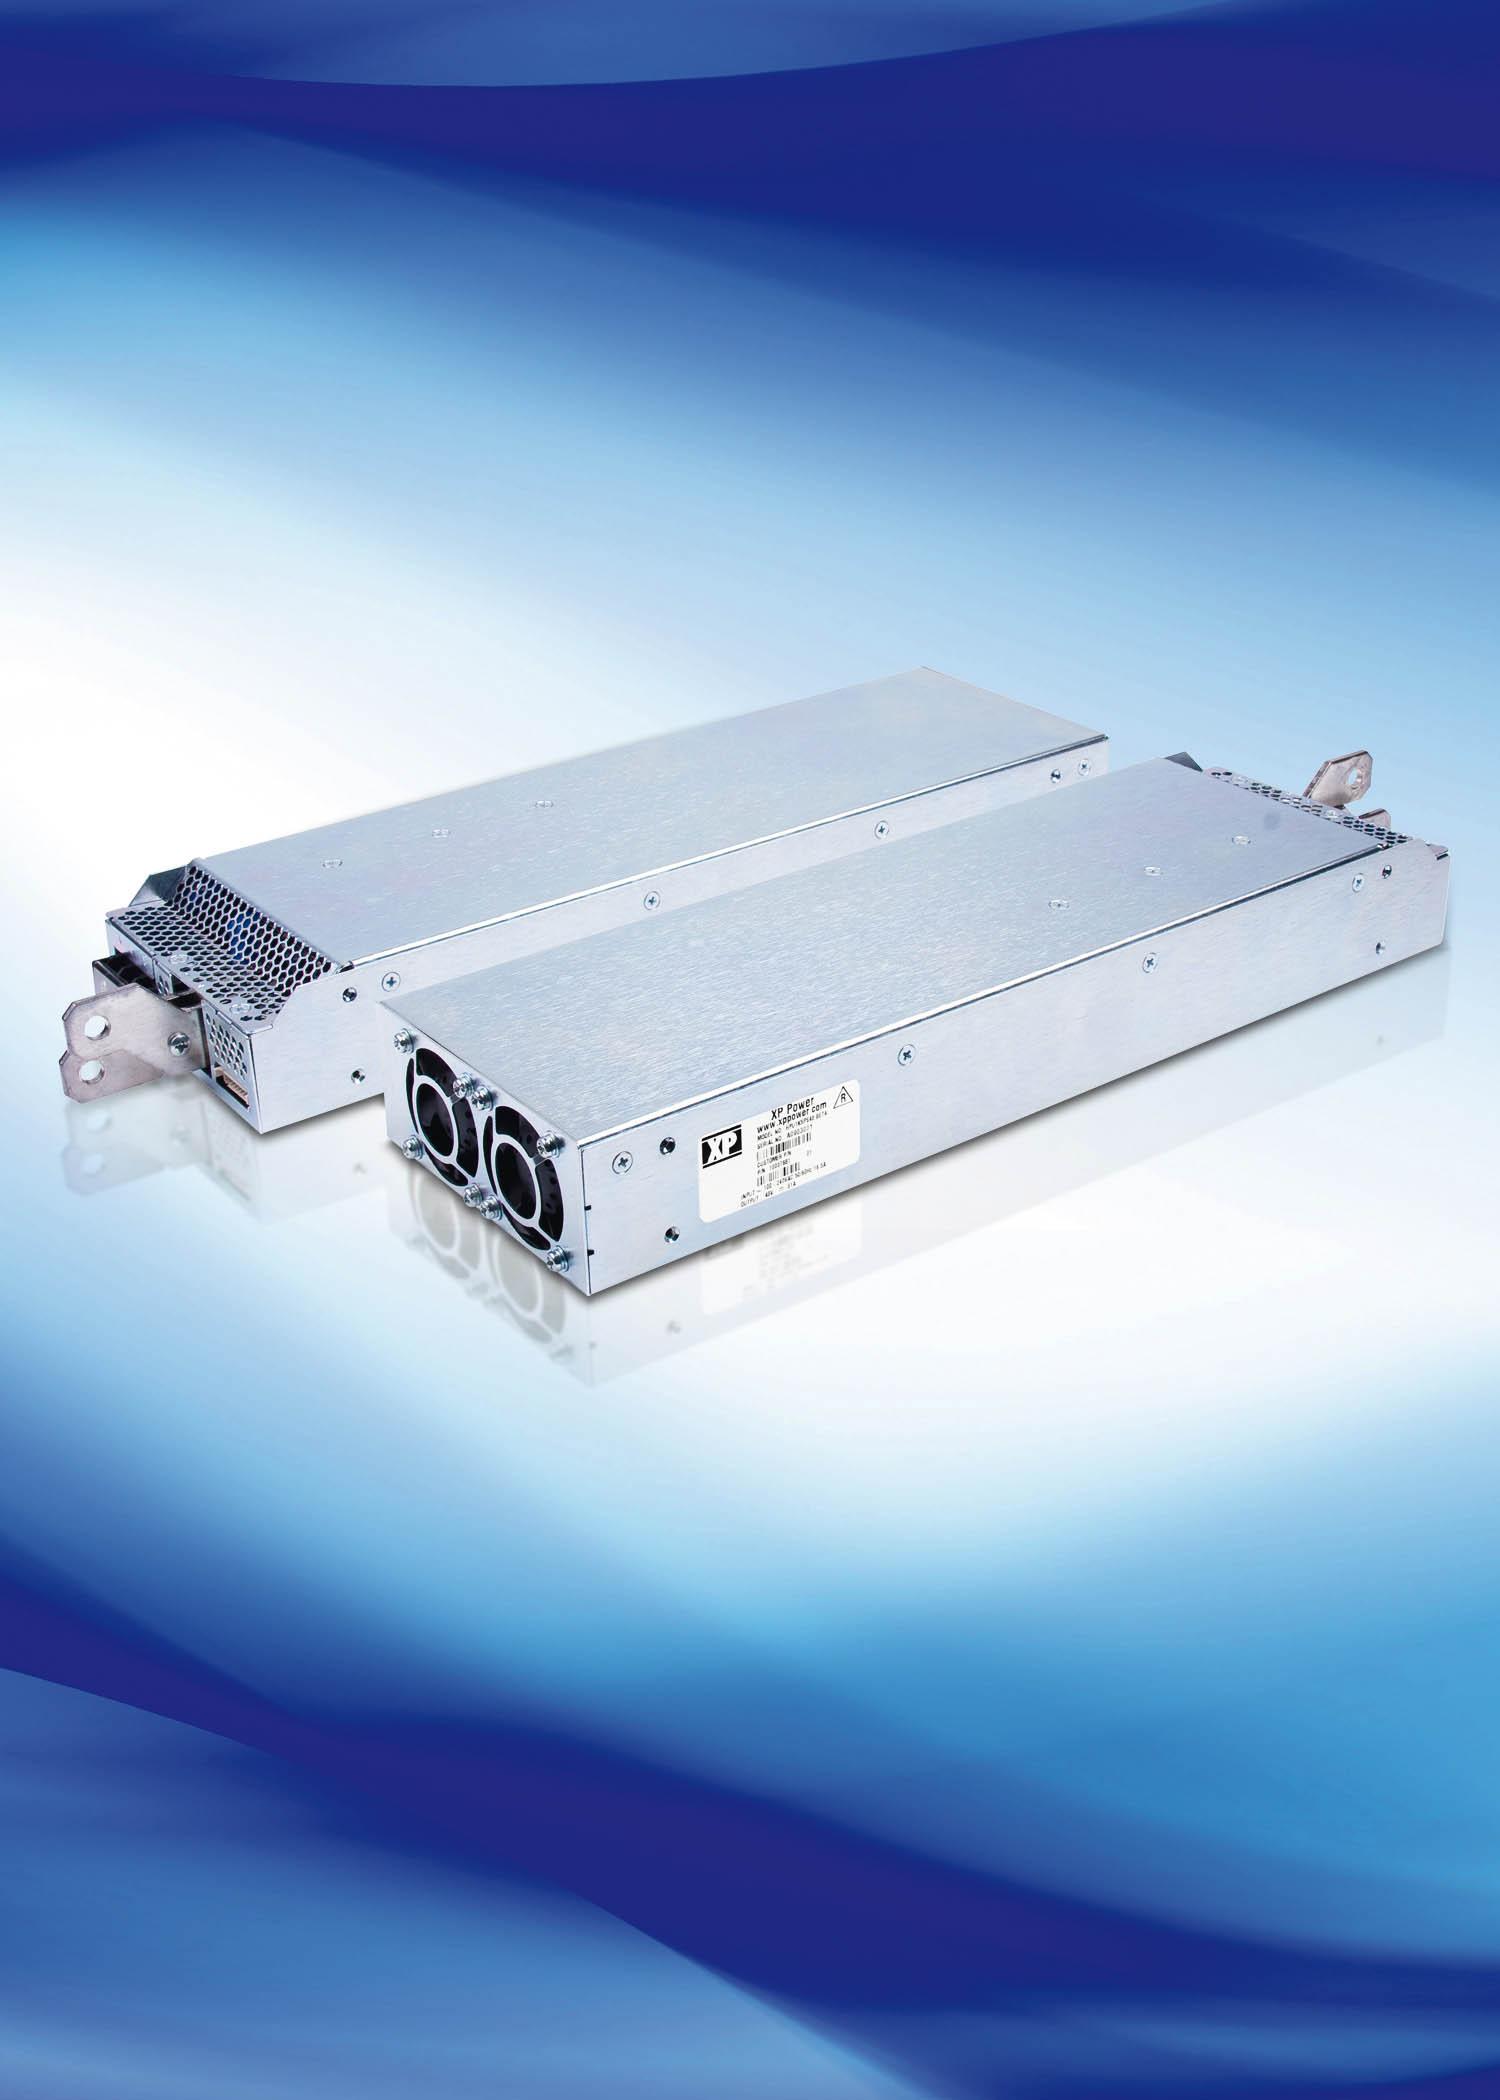 Низкопрофильный 1500-Вт источник питания AC/DC для применения в системах электропитания промышленных предприятий